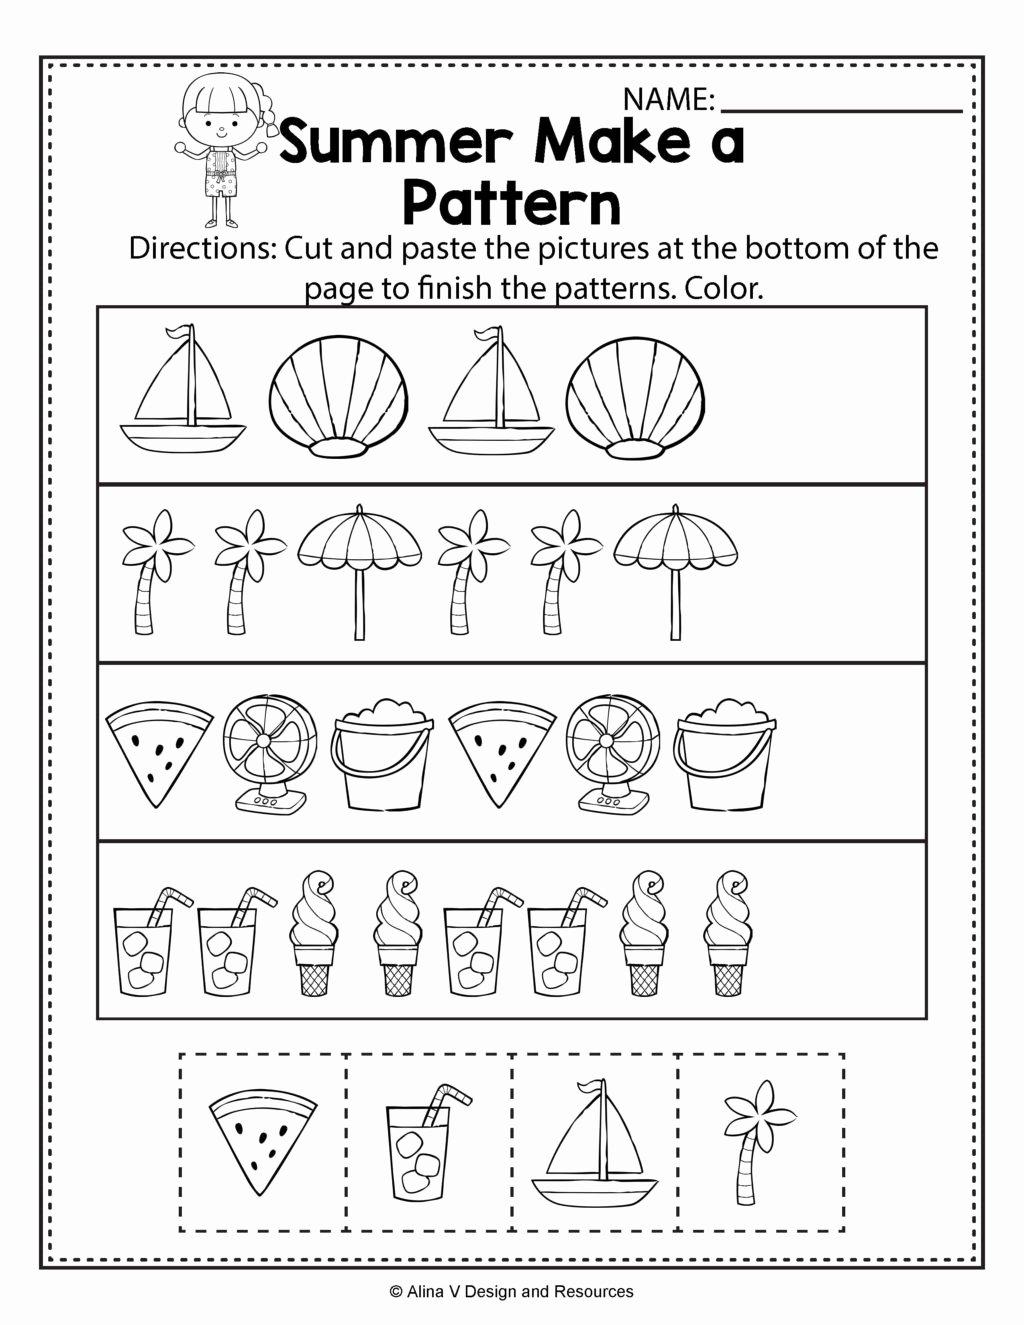 Worksheets for Preschoolers Printable Beautiful Worksheet Free Science Worksheet Preschool to